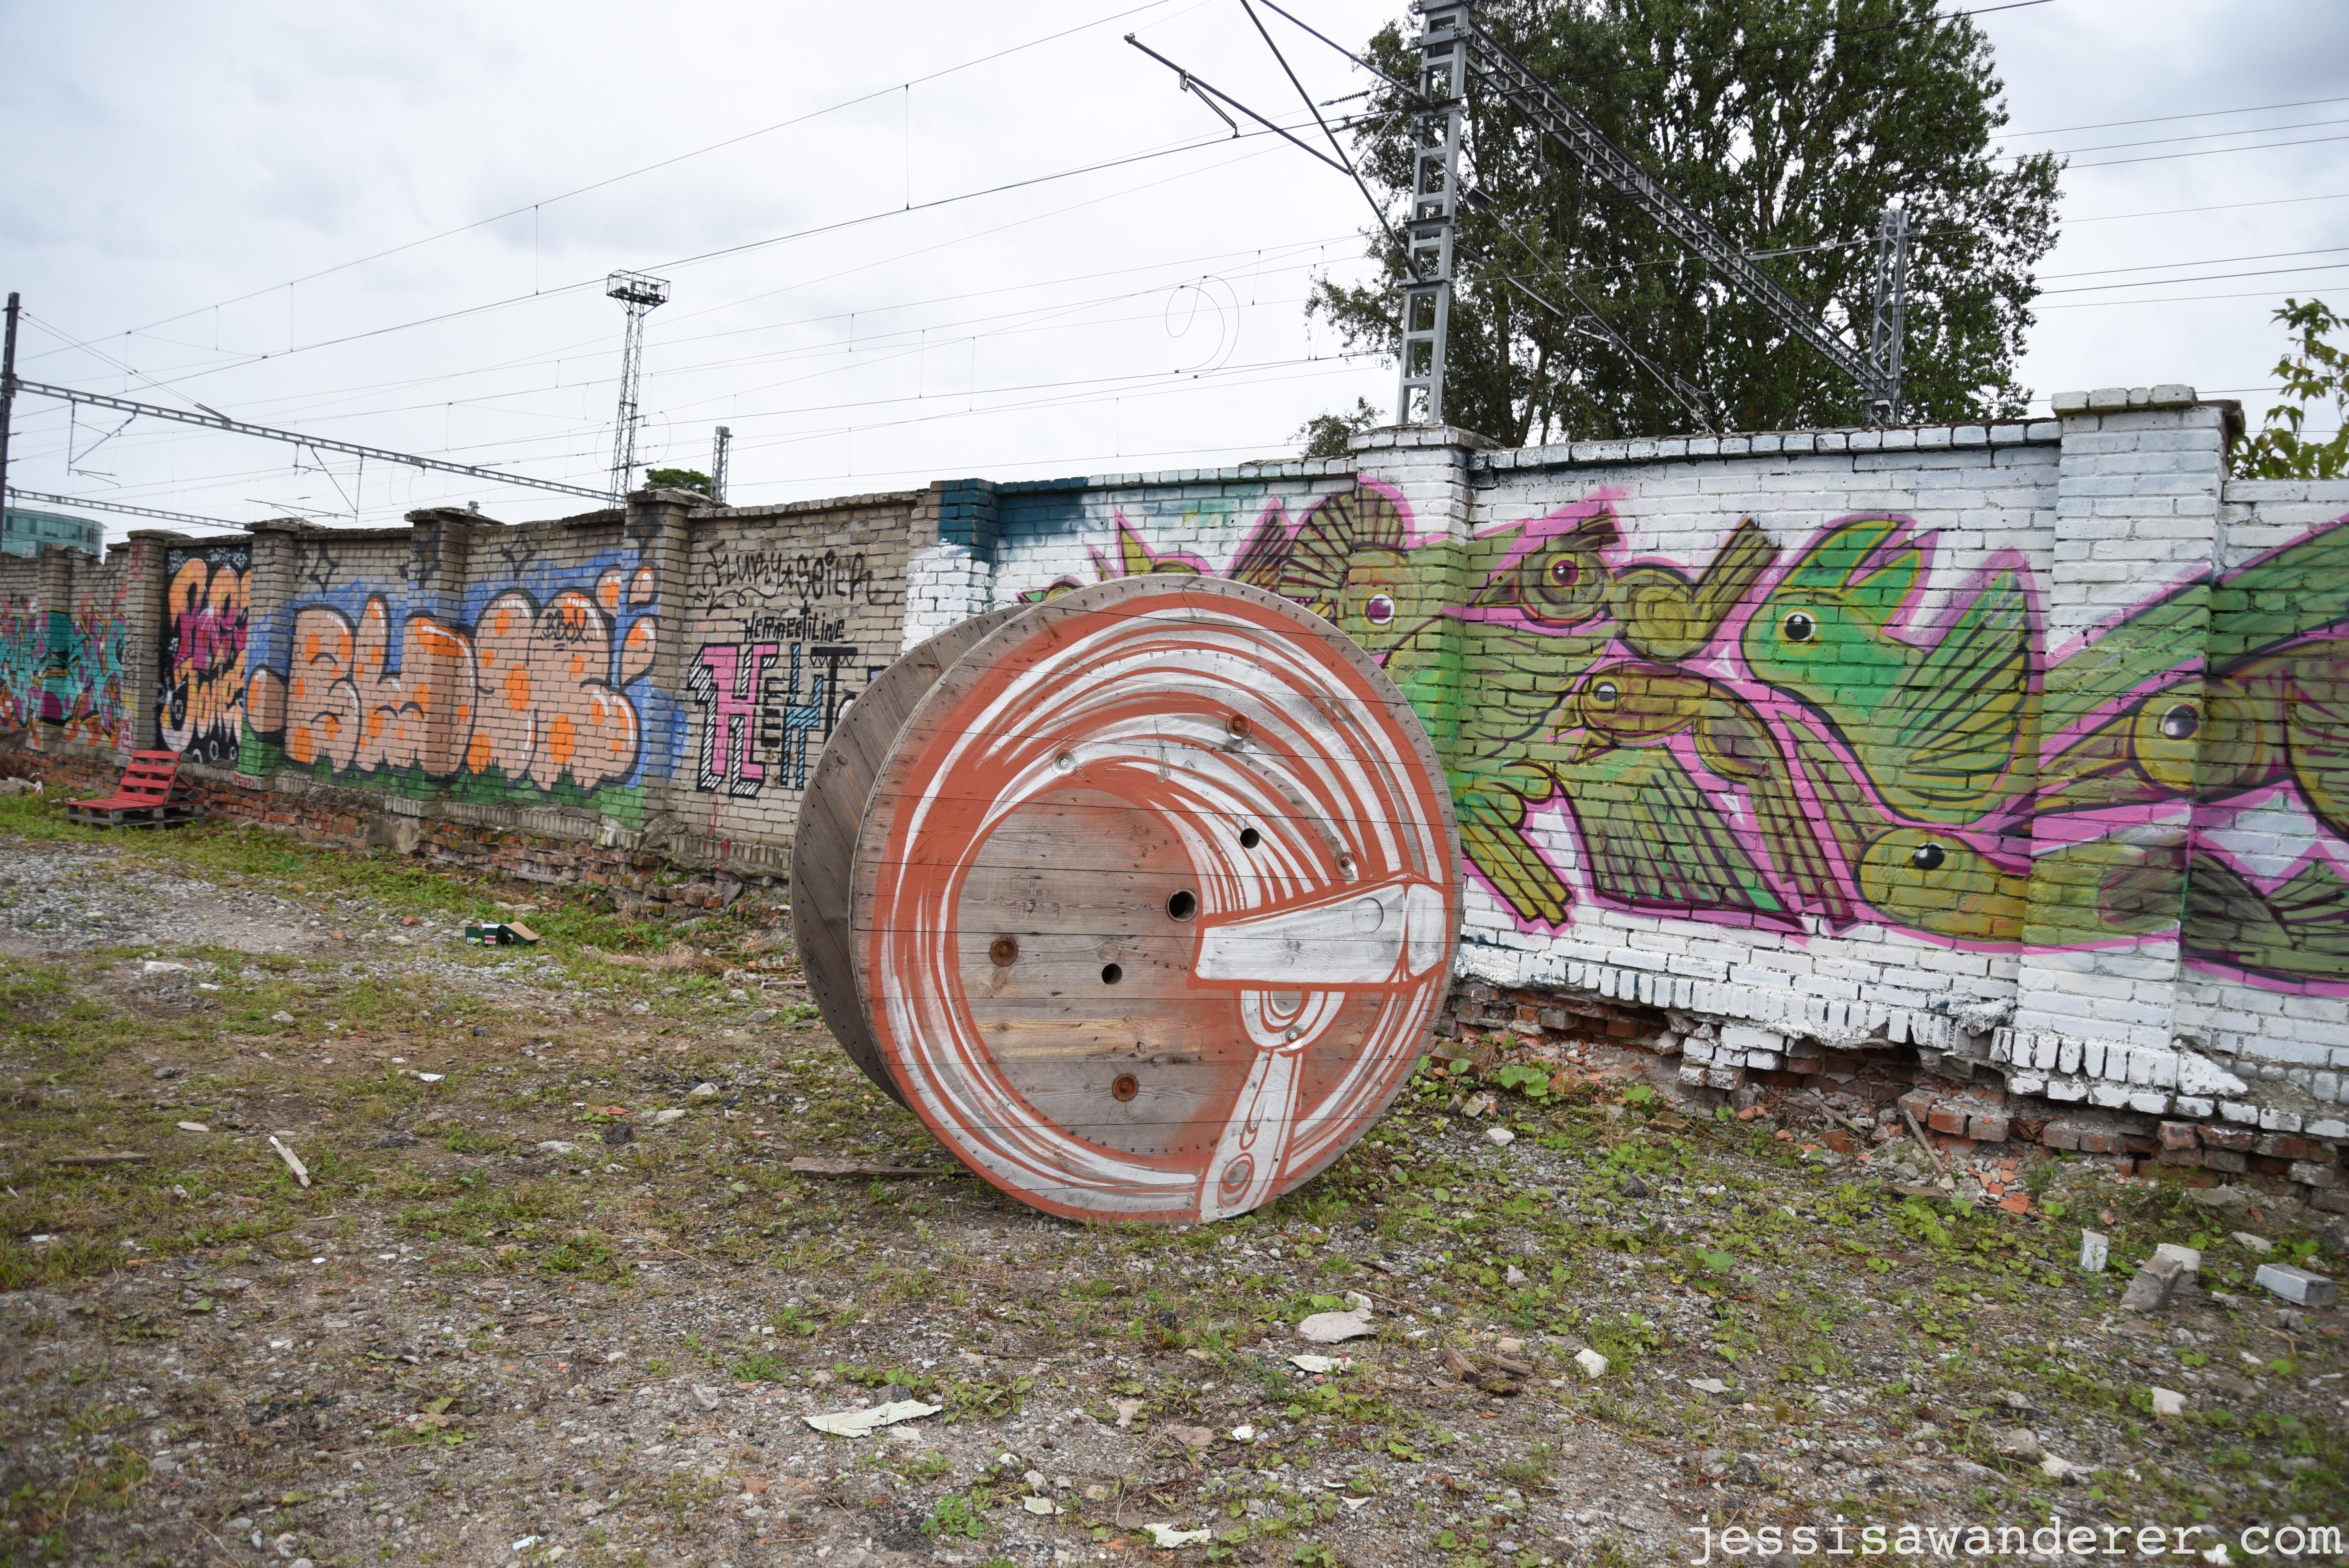 Graffiti at Telliskivi